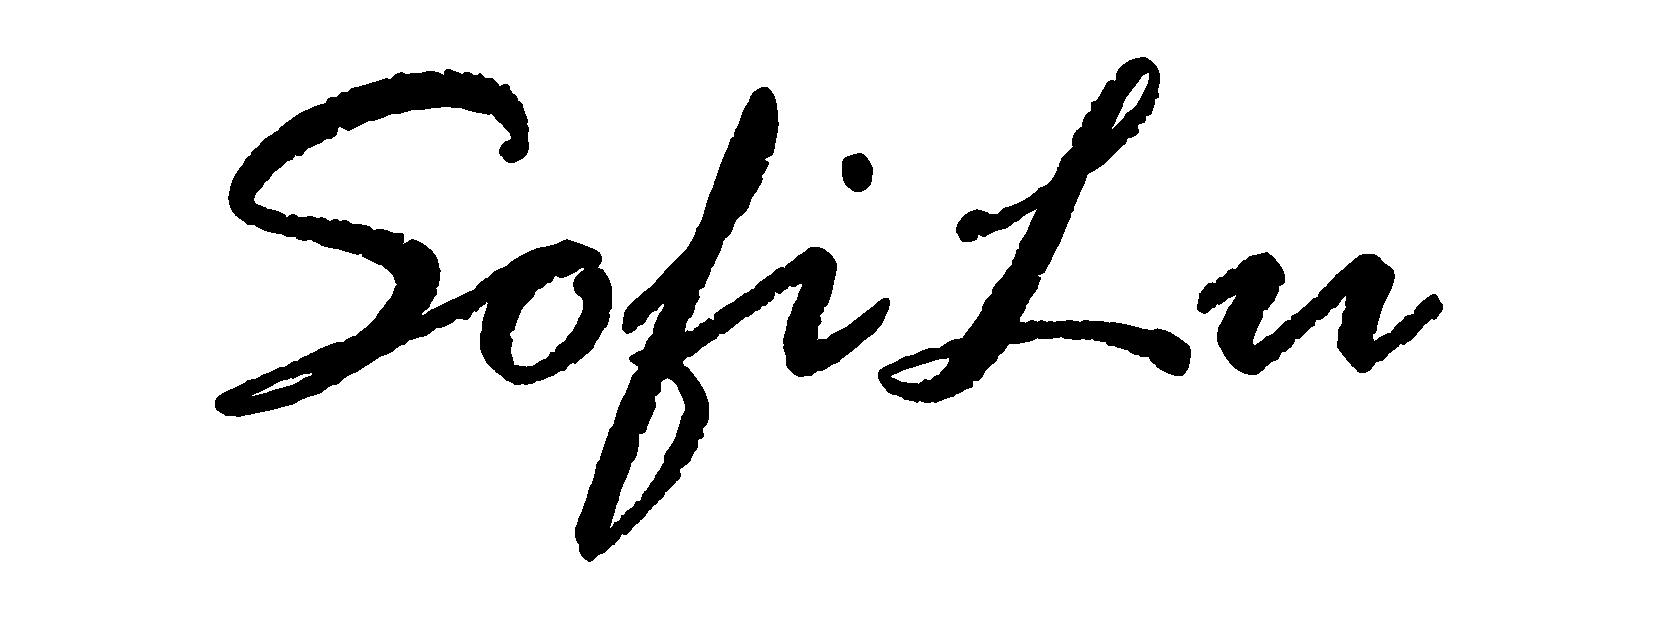 SofiLu